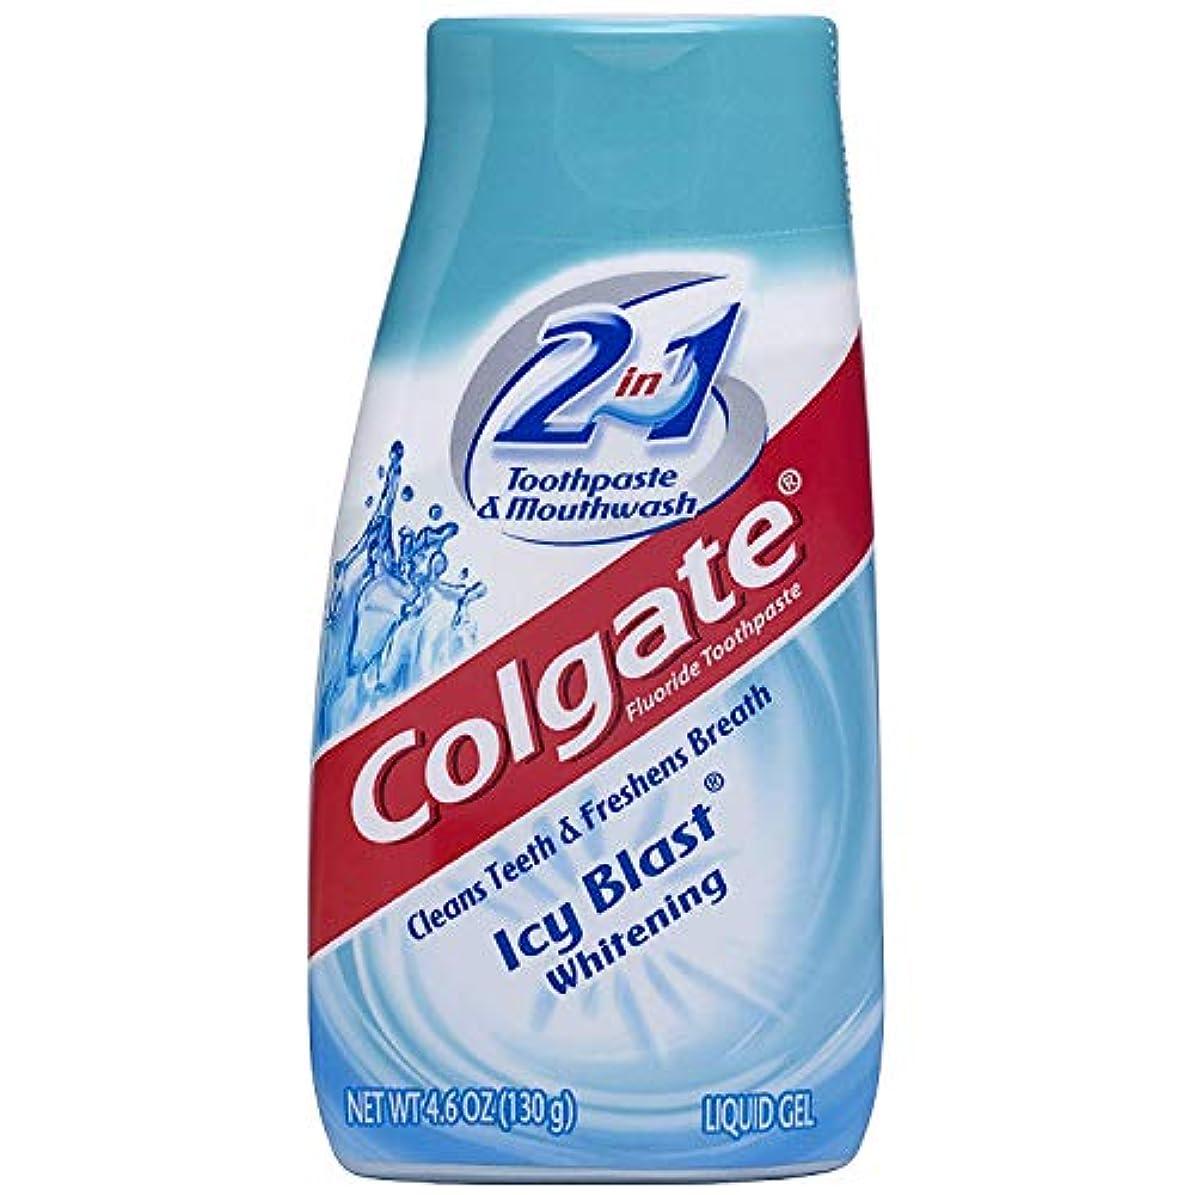 ベルトフィラデルフィアゆるくColgate 2N1アイシーブラストTpのサイズ4.6Zアイシーブラストホワイトニングリキッドジェル2-IN-1歯磨き粉およびマウスウォッシュ 4パック